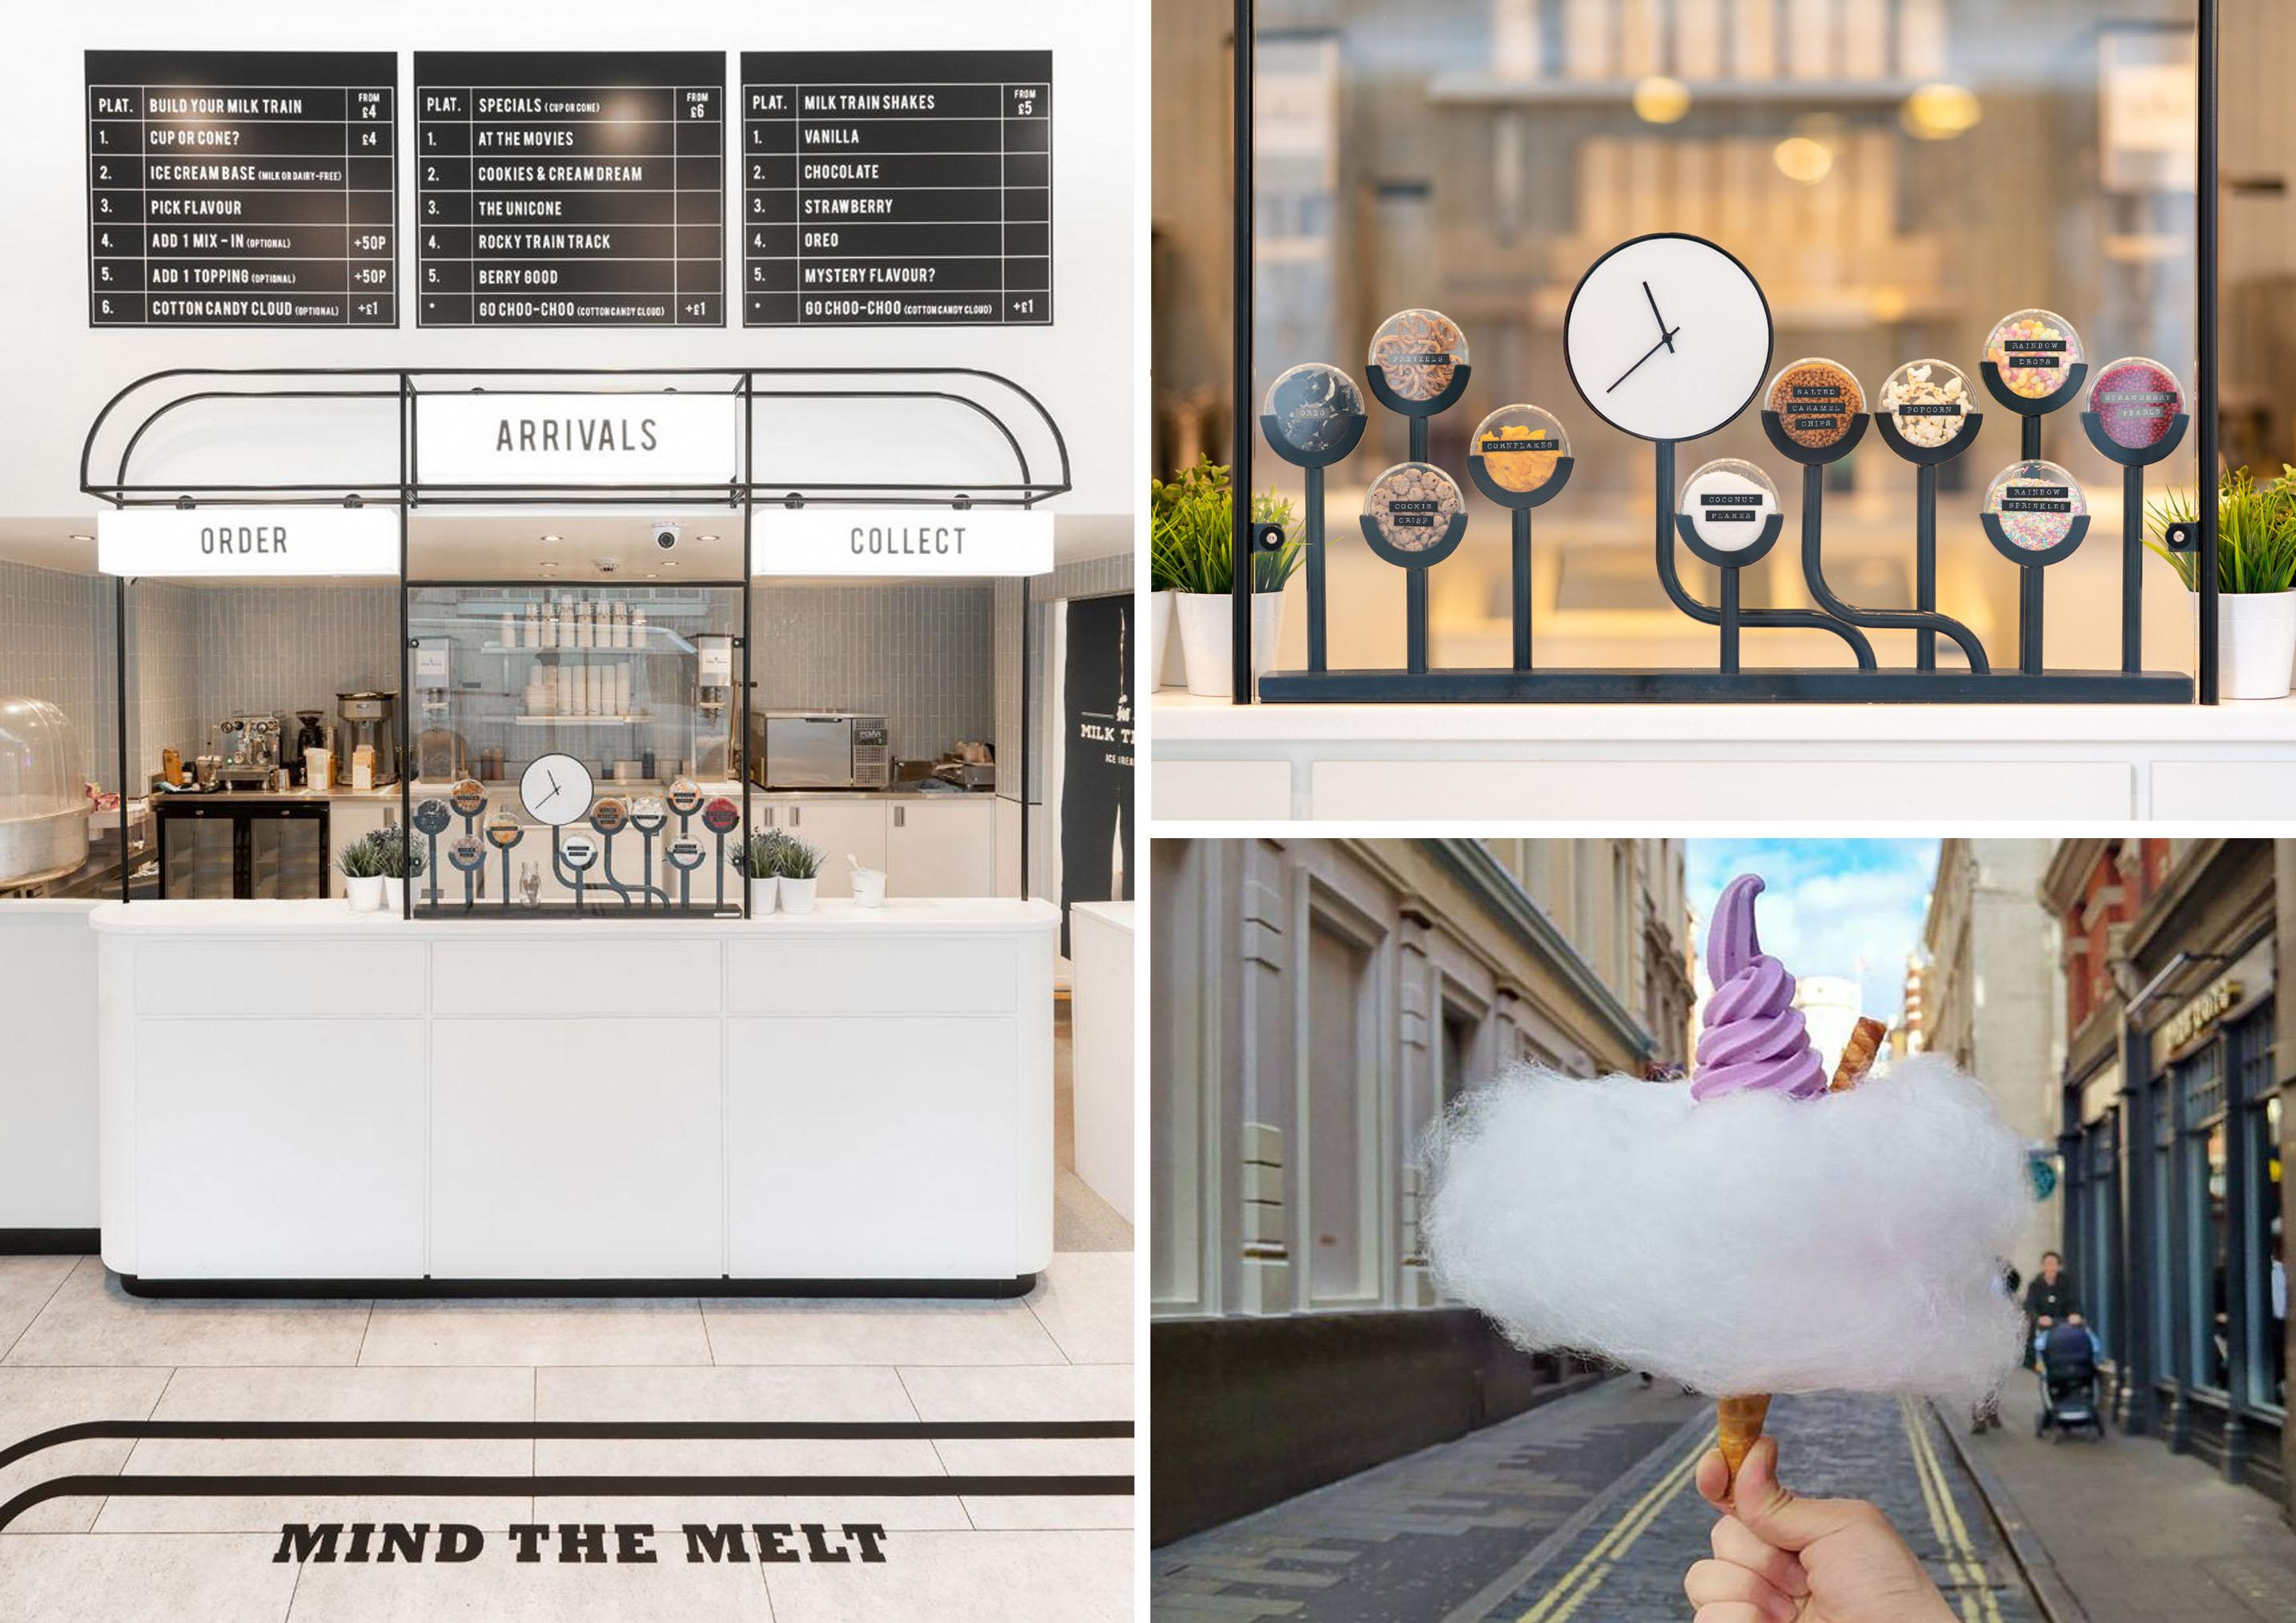 Il gelato spettacorae di Milk Train